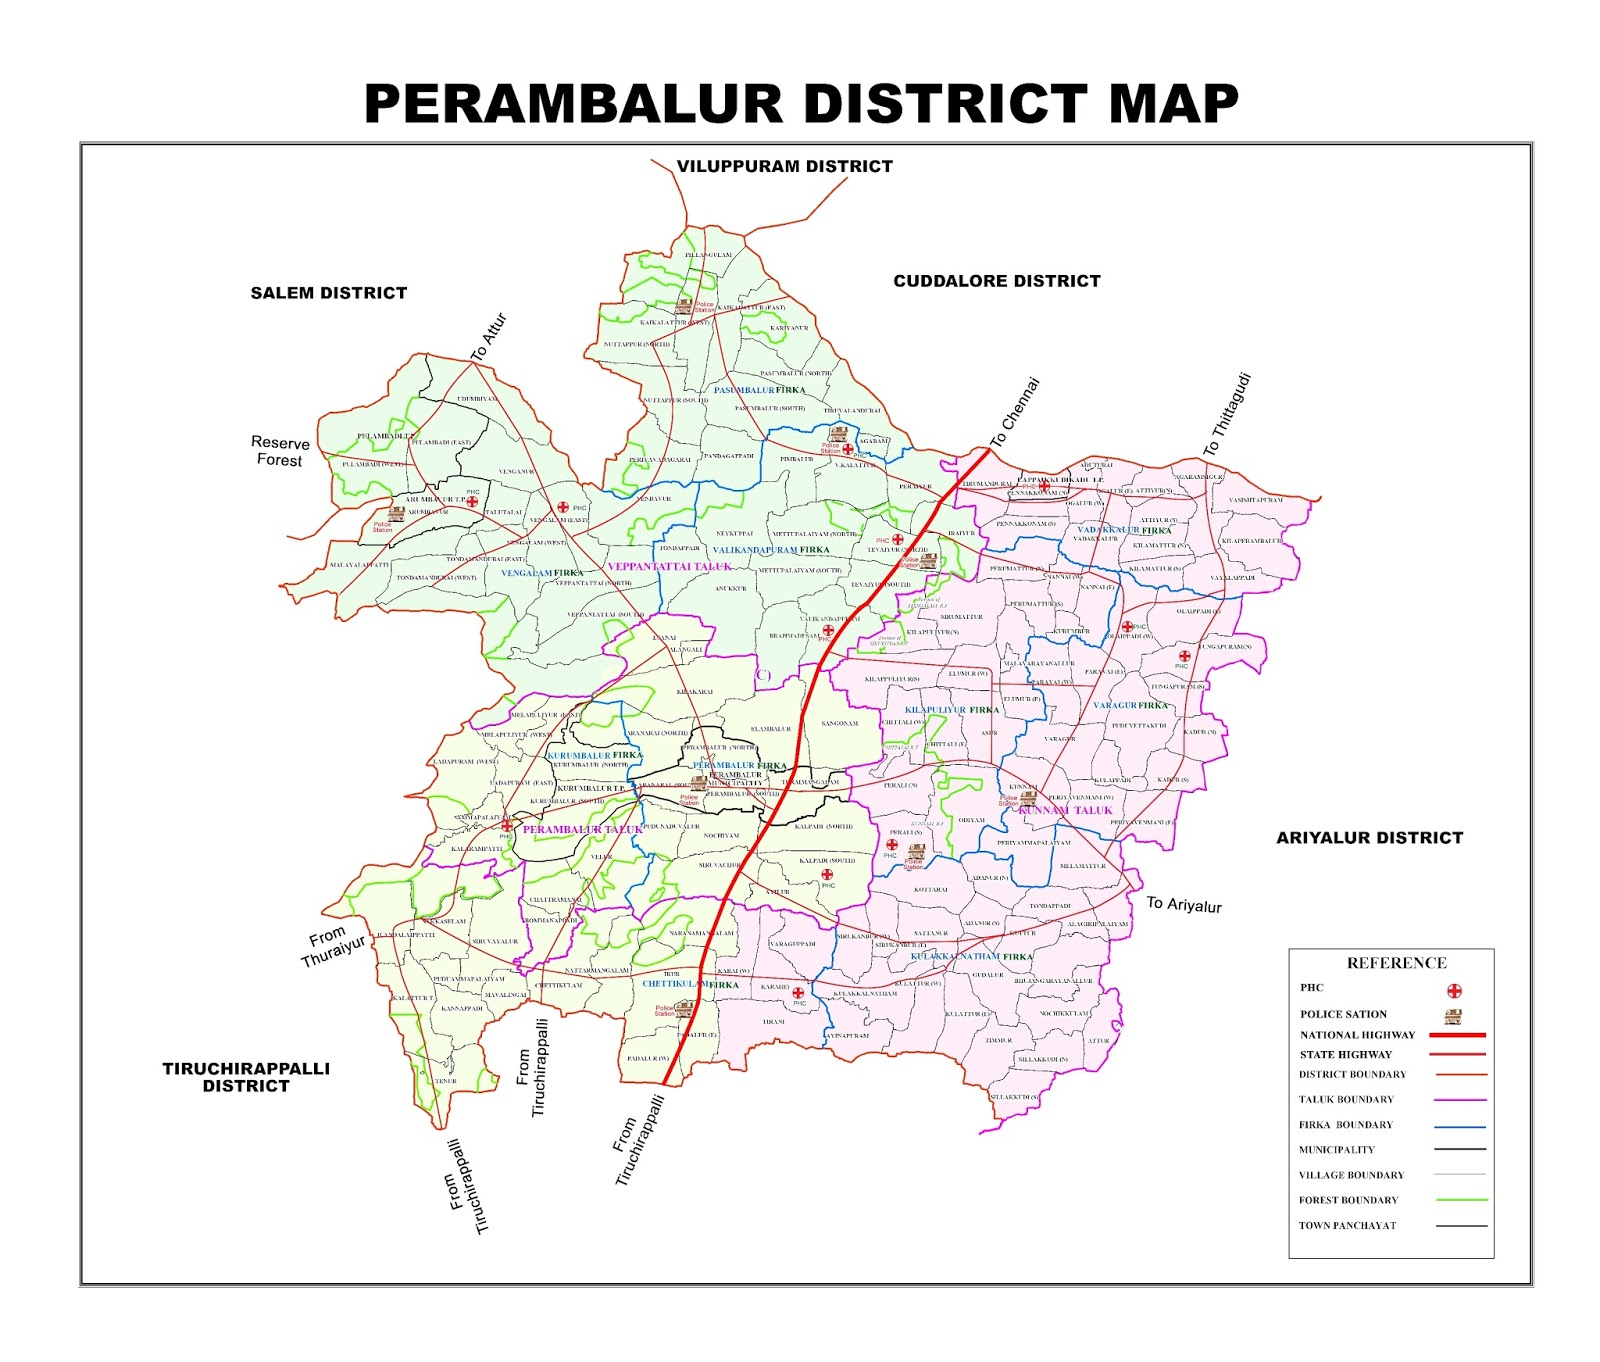 Tamilnadu Tourism: Perambalur – General Information